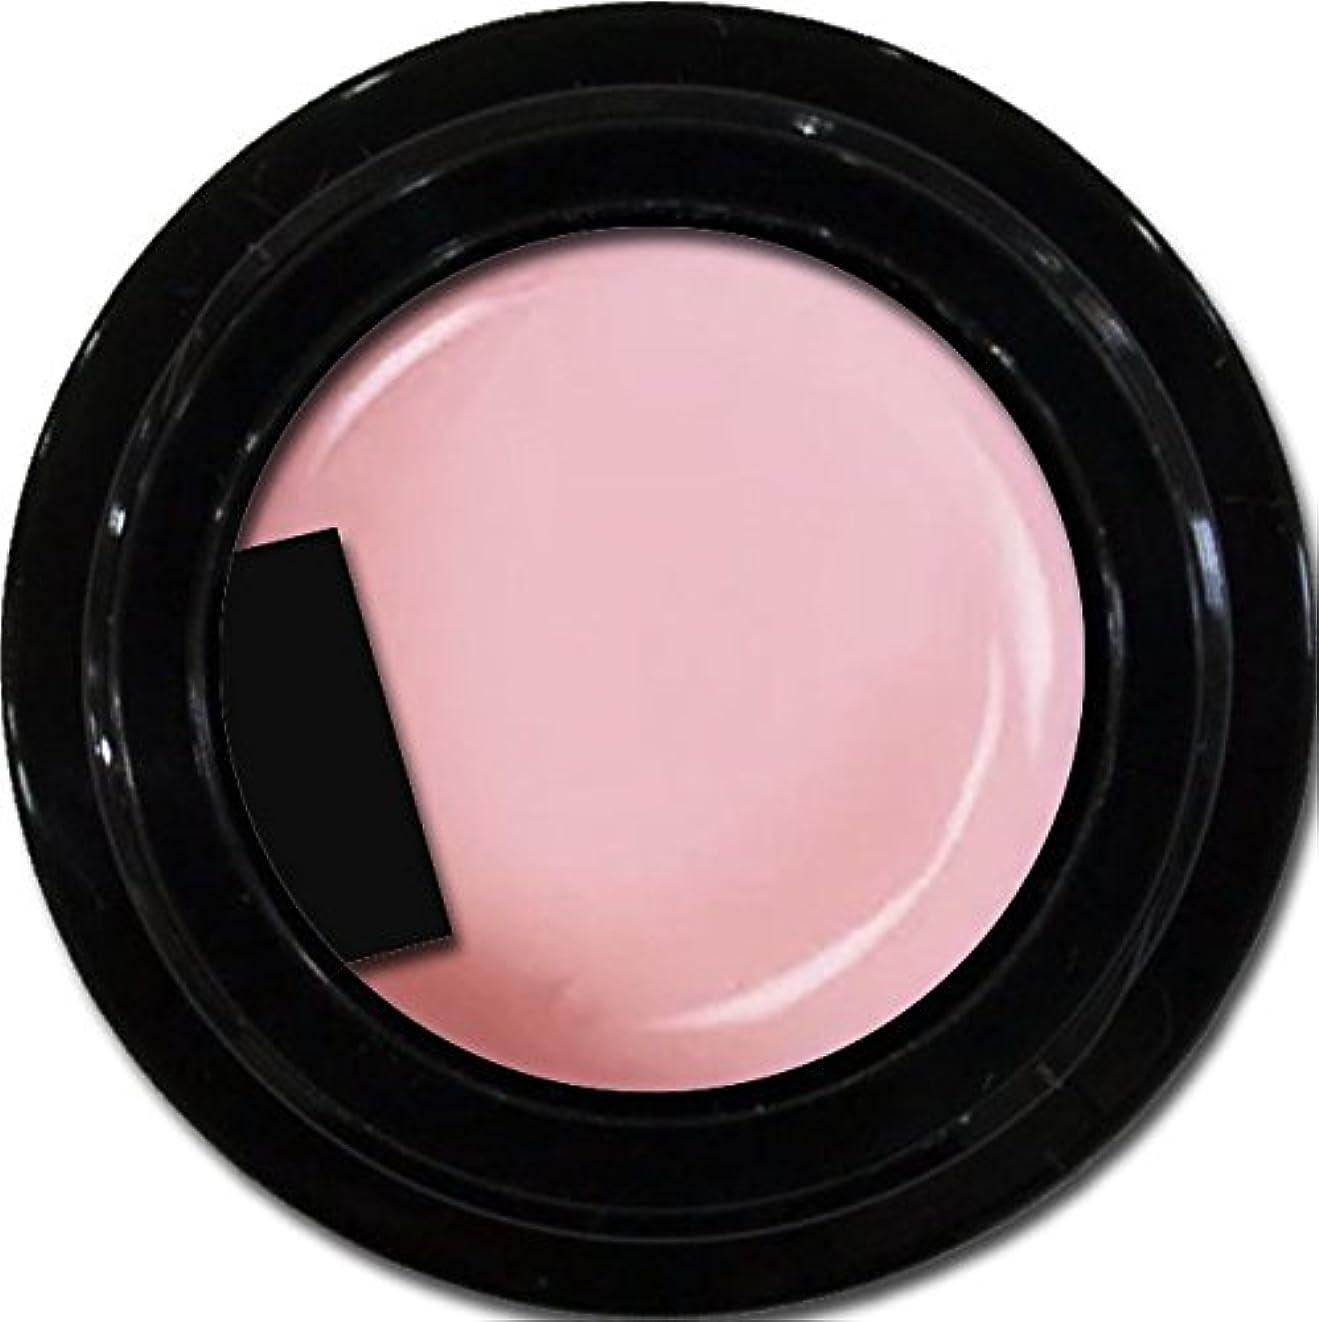 ミルデコードするぎこちないカラージェル enchant gel color gel S502 Robe Sheer 3g/ エンチャントジェル カラージェル S502ローブシアー 3グラム